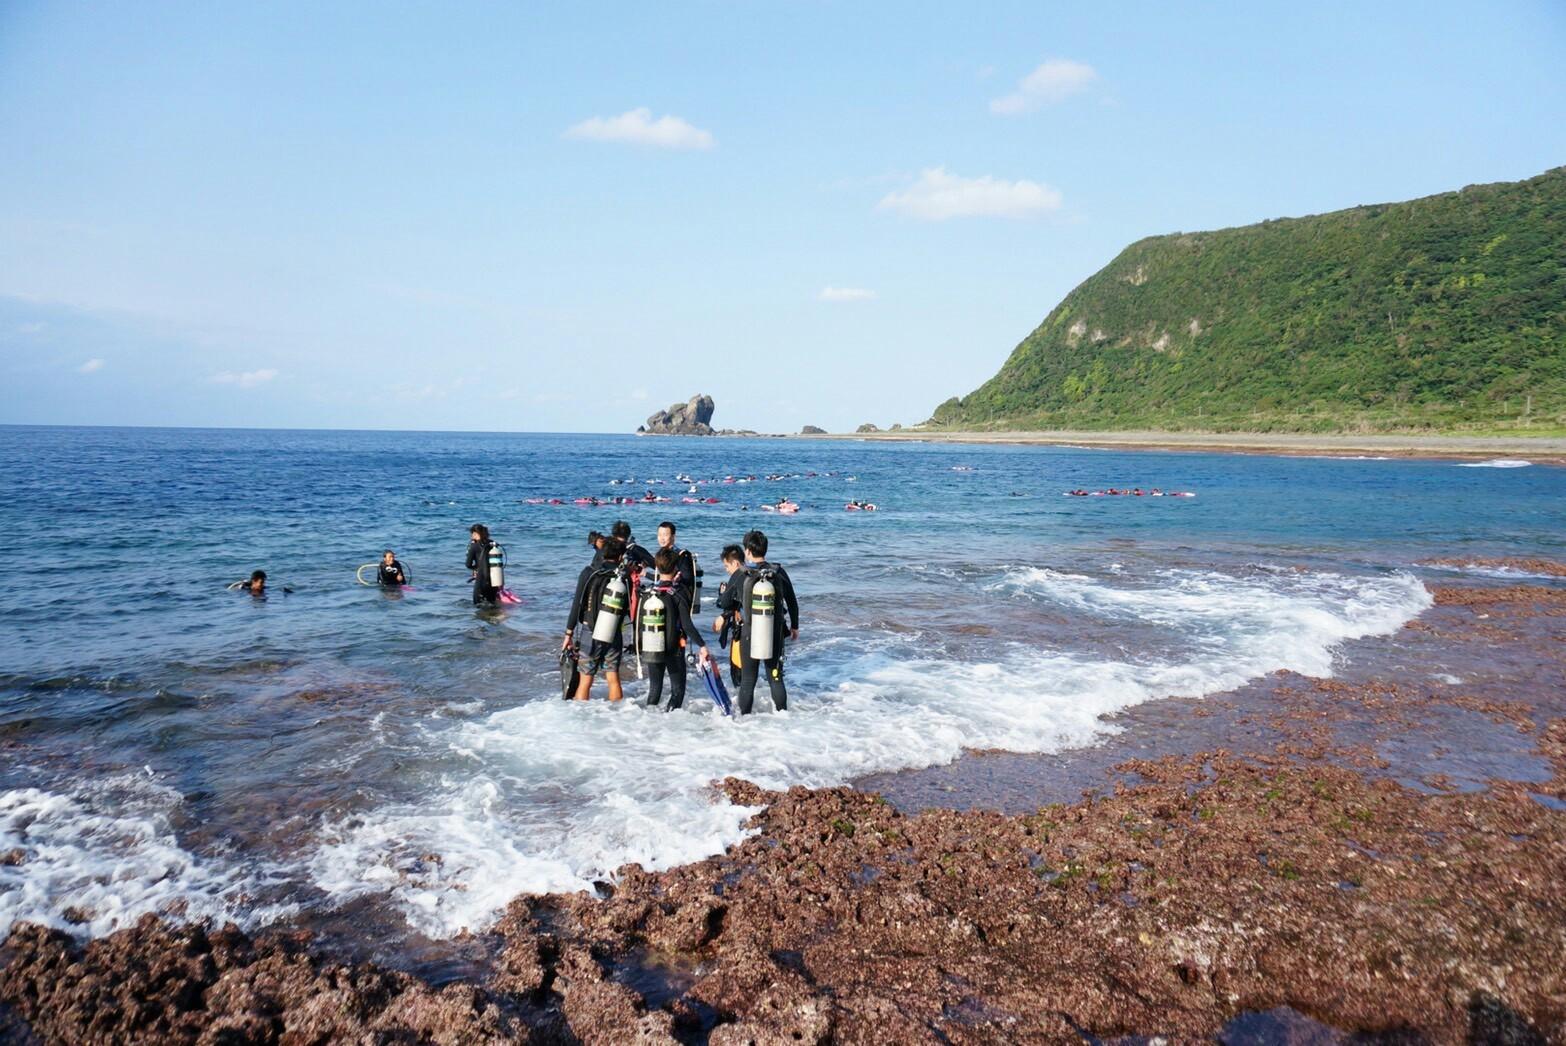 綠島兩日深度行(體驗潛水)每人$4800起